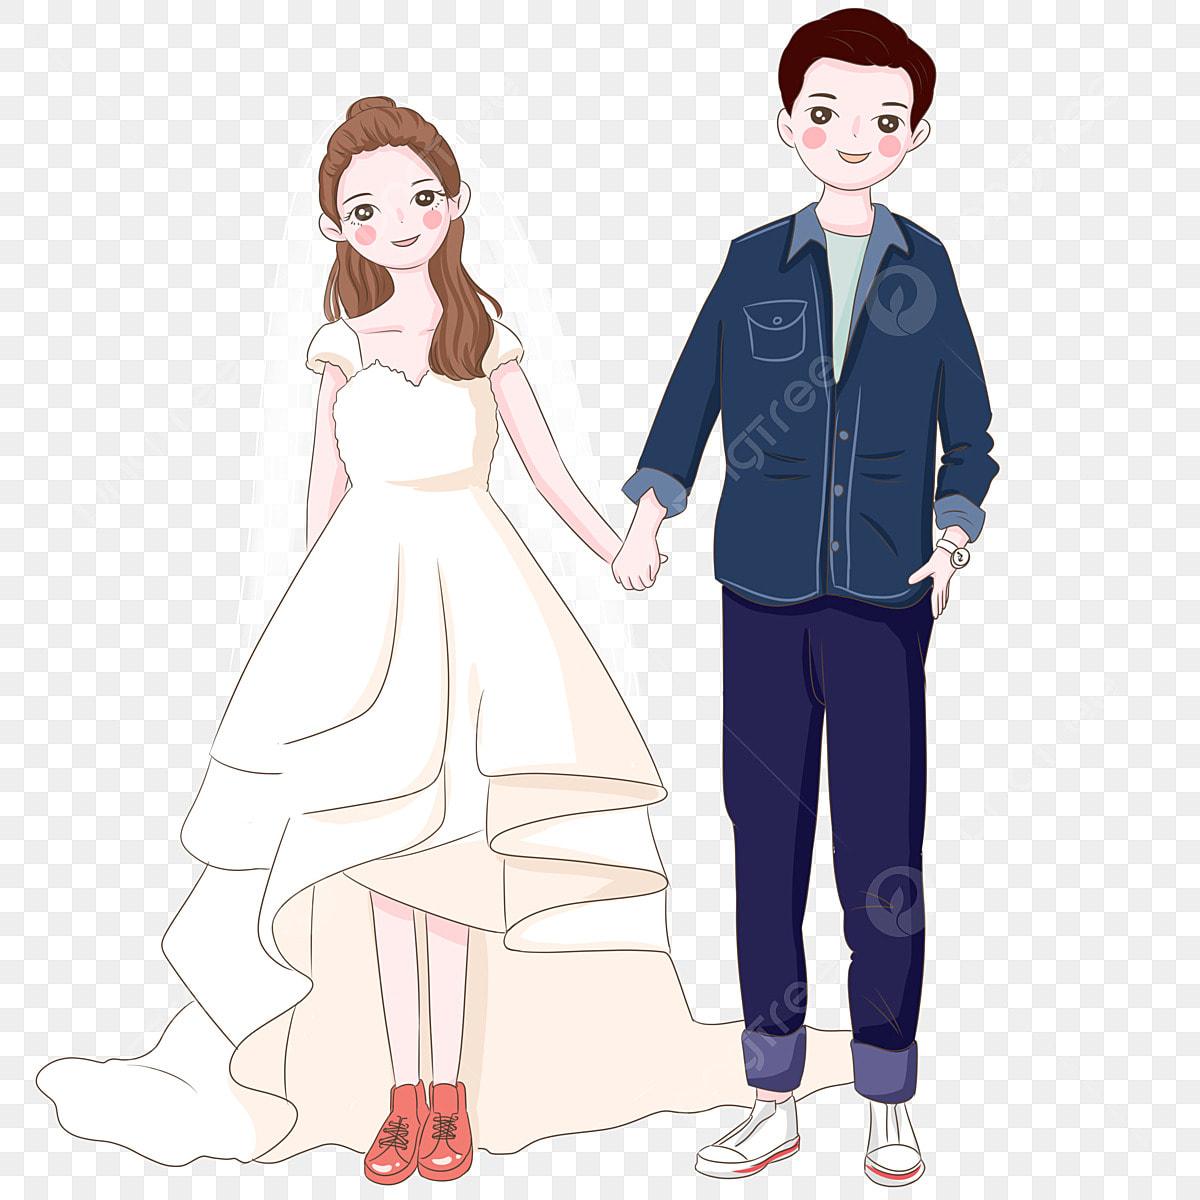 Gambar Pengantin Lelaki Pengantin Perempuan Mengambil Gambar Perkahwinan Ilustrasi Pengantin Lelaki Ilustrasi Dan Png Dan Psd Untuk Muat Turun Percuma